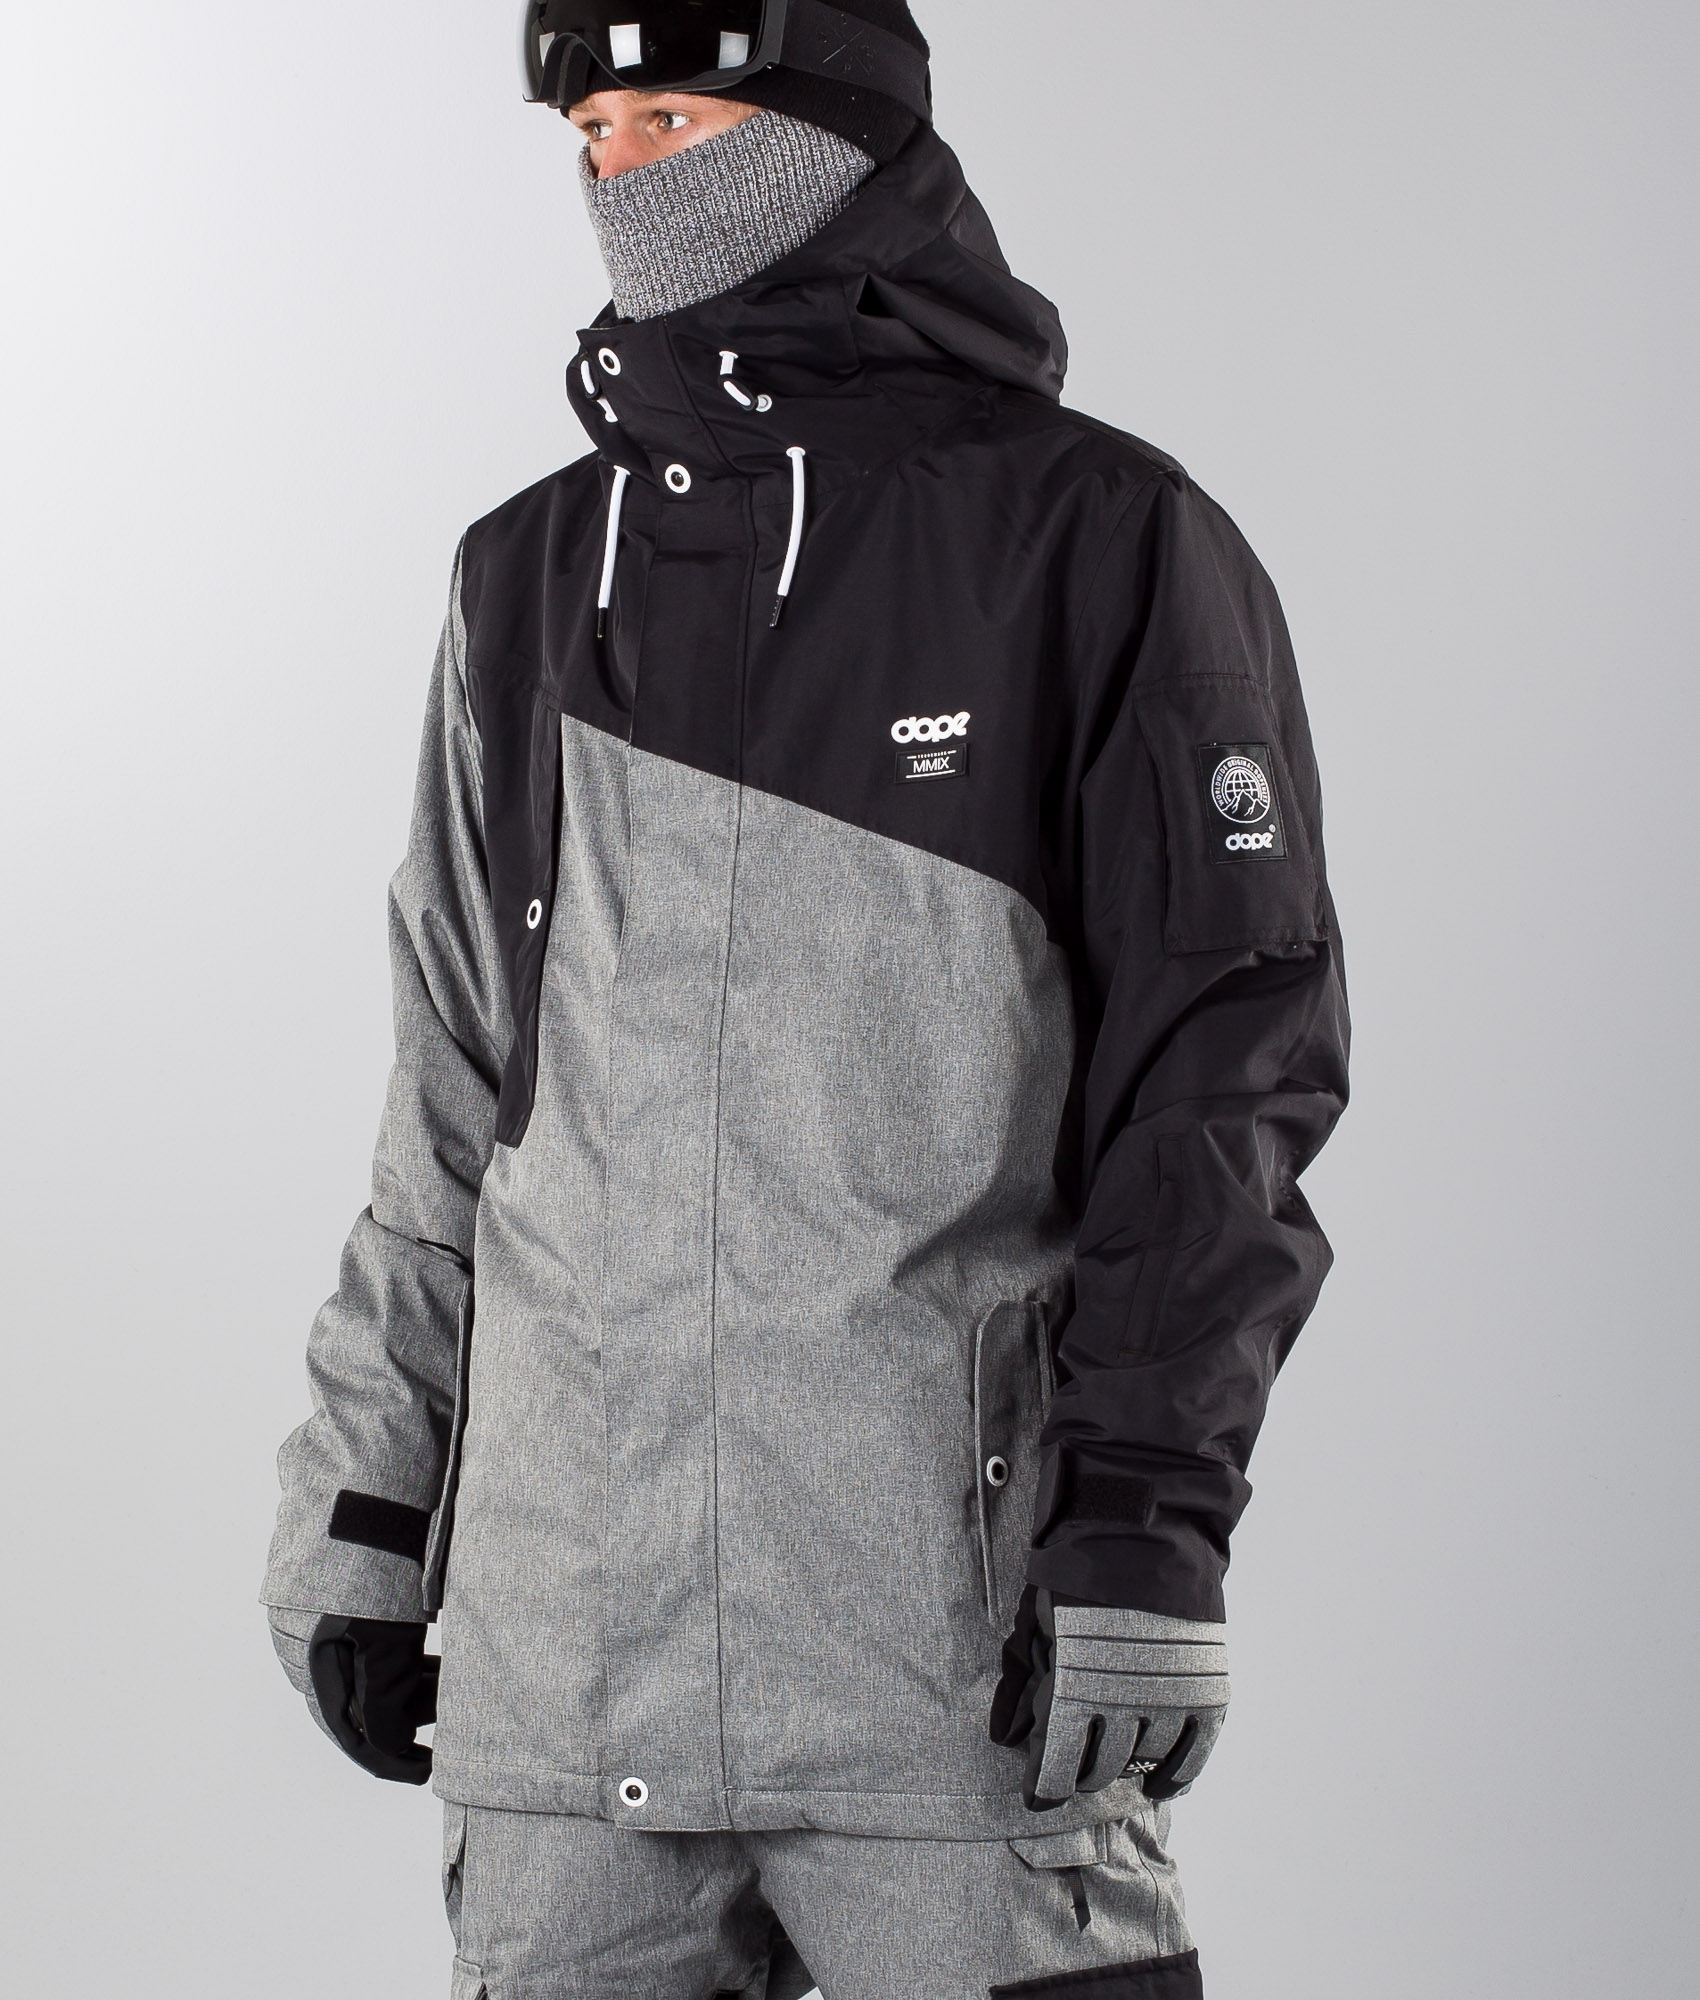 Snow Blousons Ridestore De Veste Homme Snowboard Pf0gqnqp